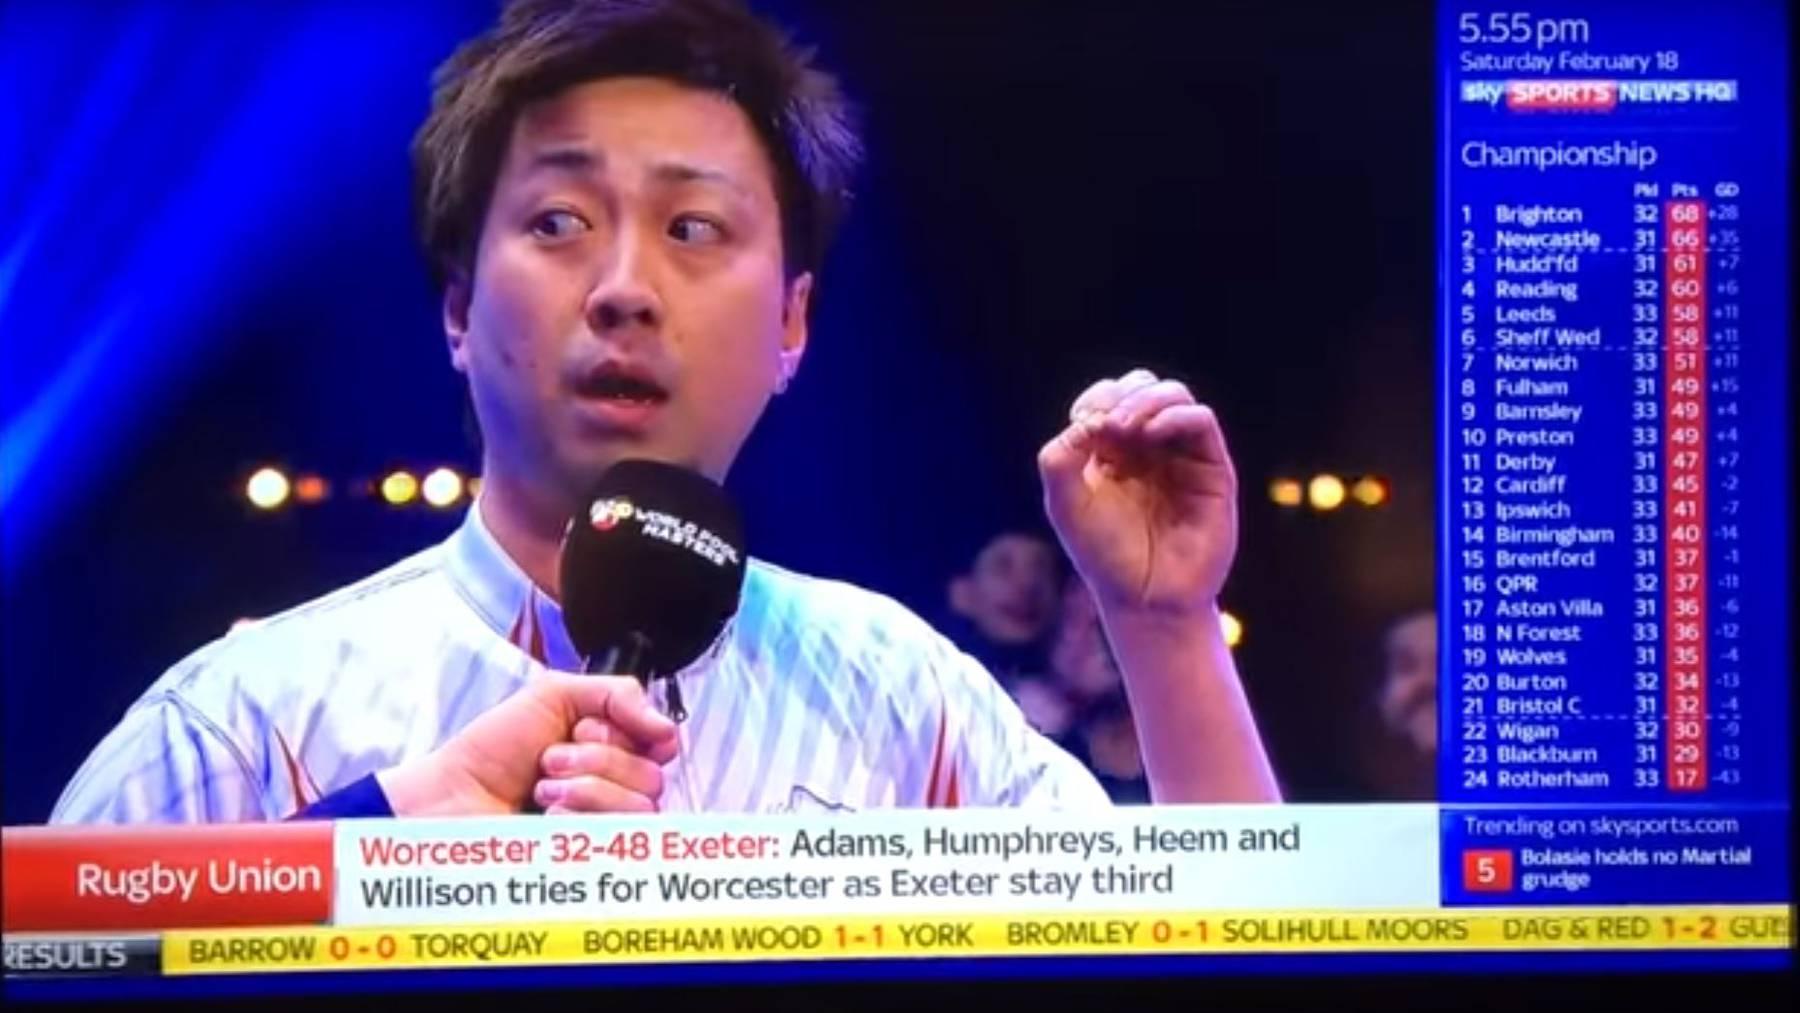 Naoyuki Oi ist ein Poolbillard-Spieler. Der Japaner spricht offensichtlich kein Englisch, versucht sich in einem Interview aber trotzdem in der Fremdsprache.